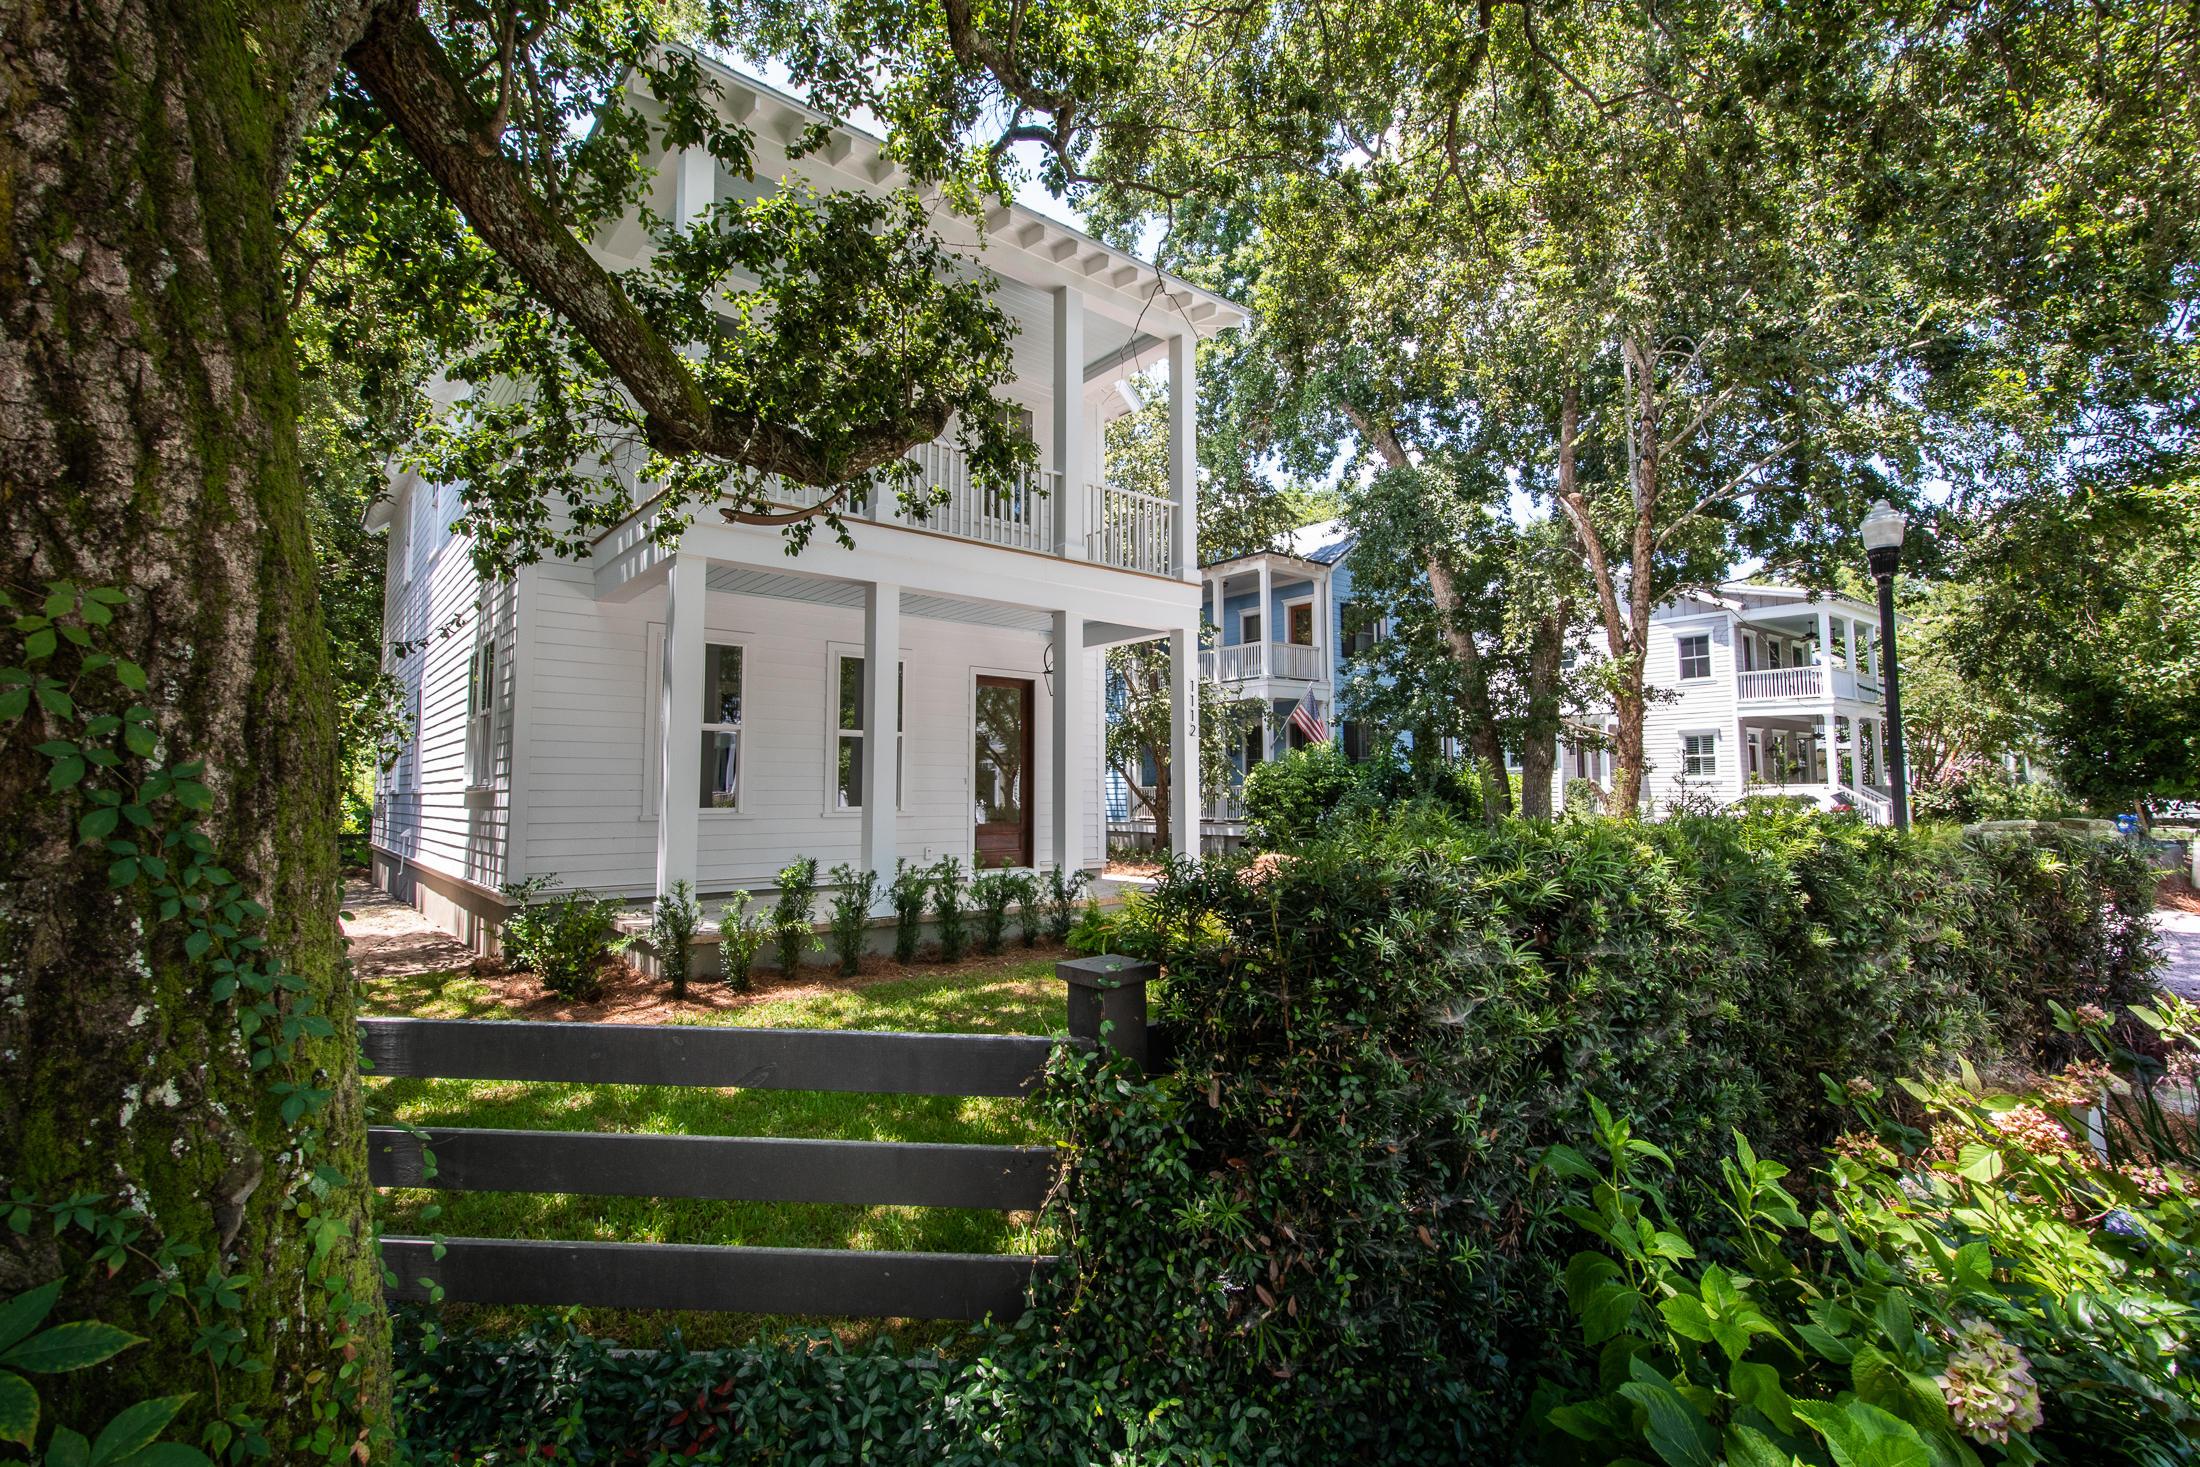 Phillips Park Homes For Sale - 1112 Phillips Park, Mount Pleasant, SC - 3